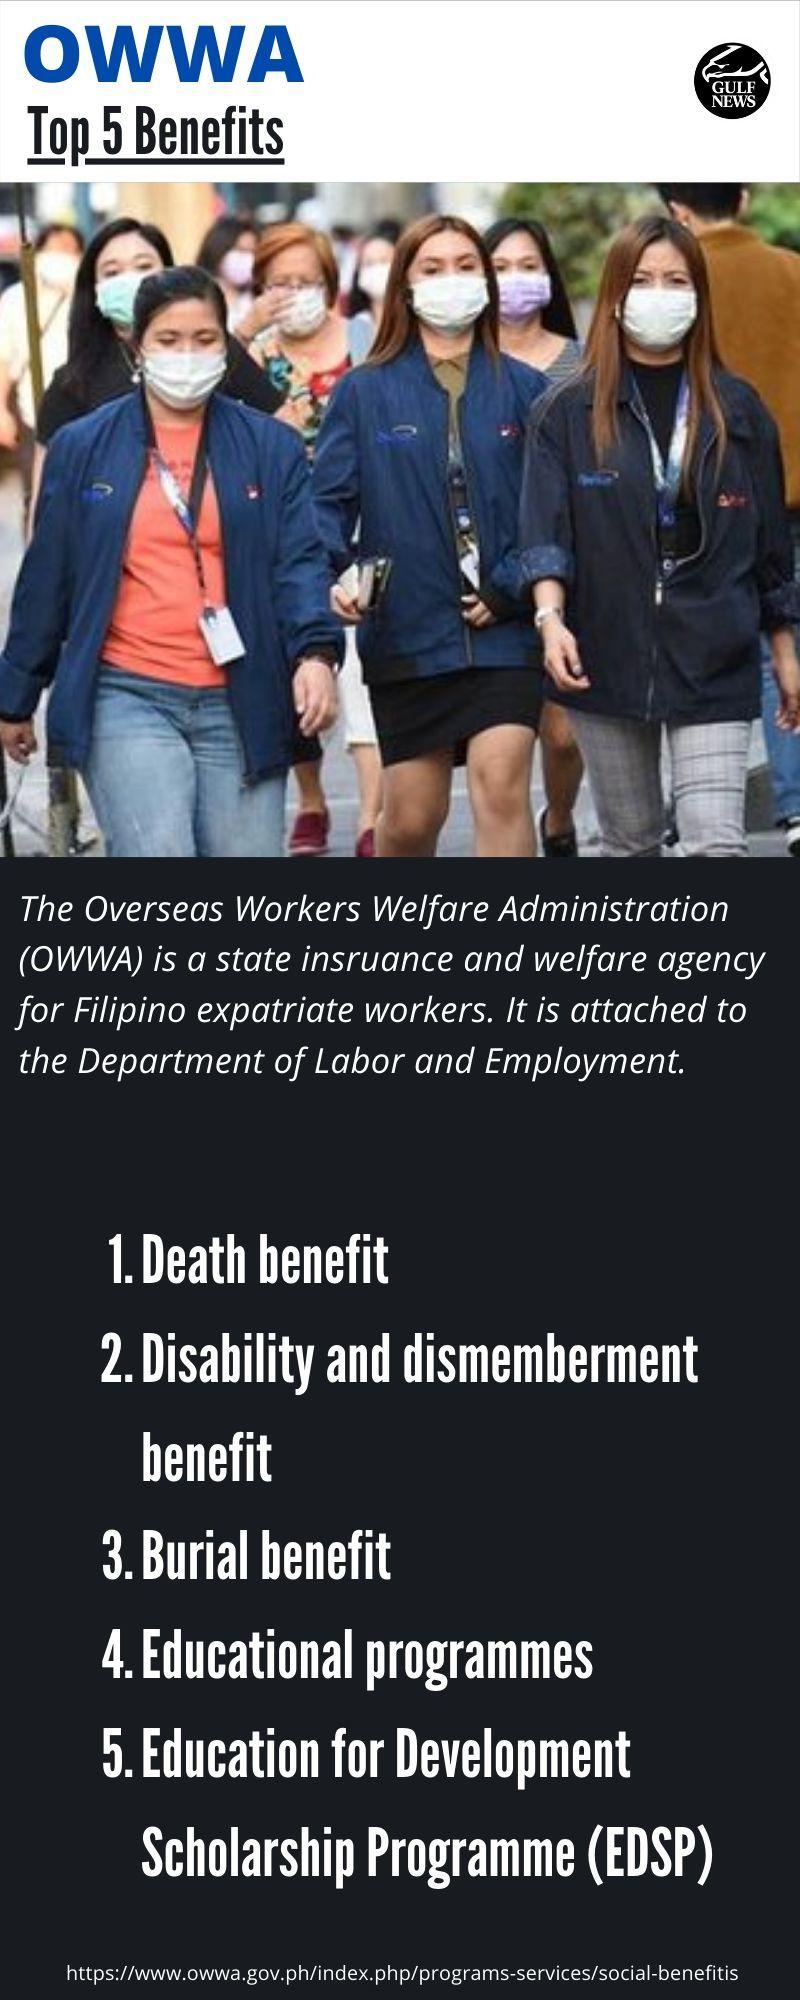 OFW benefits OWWA 07